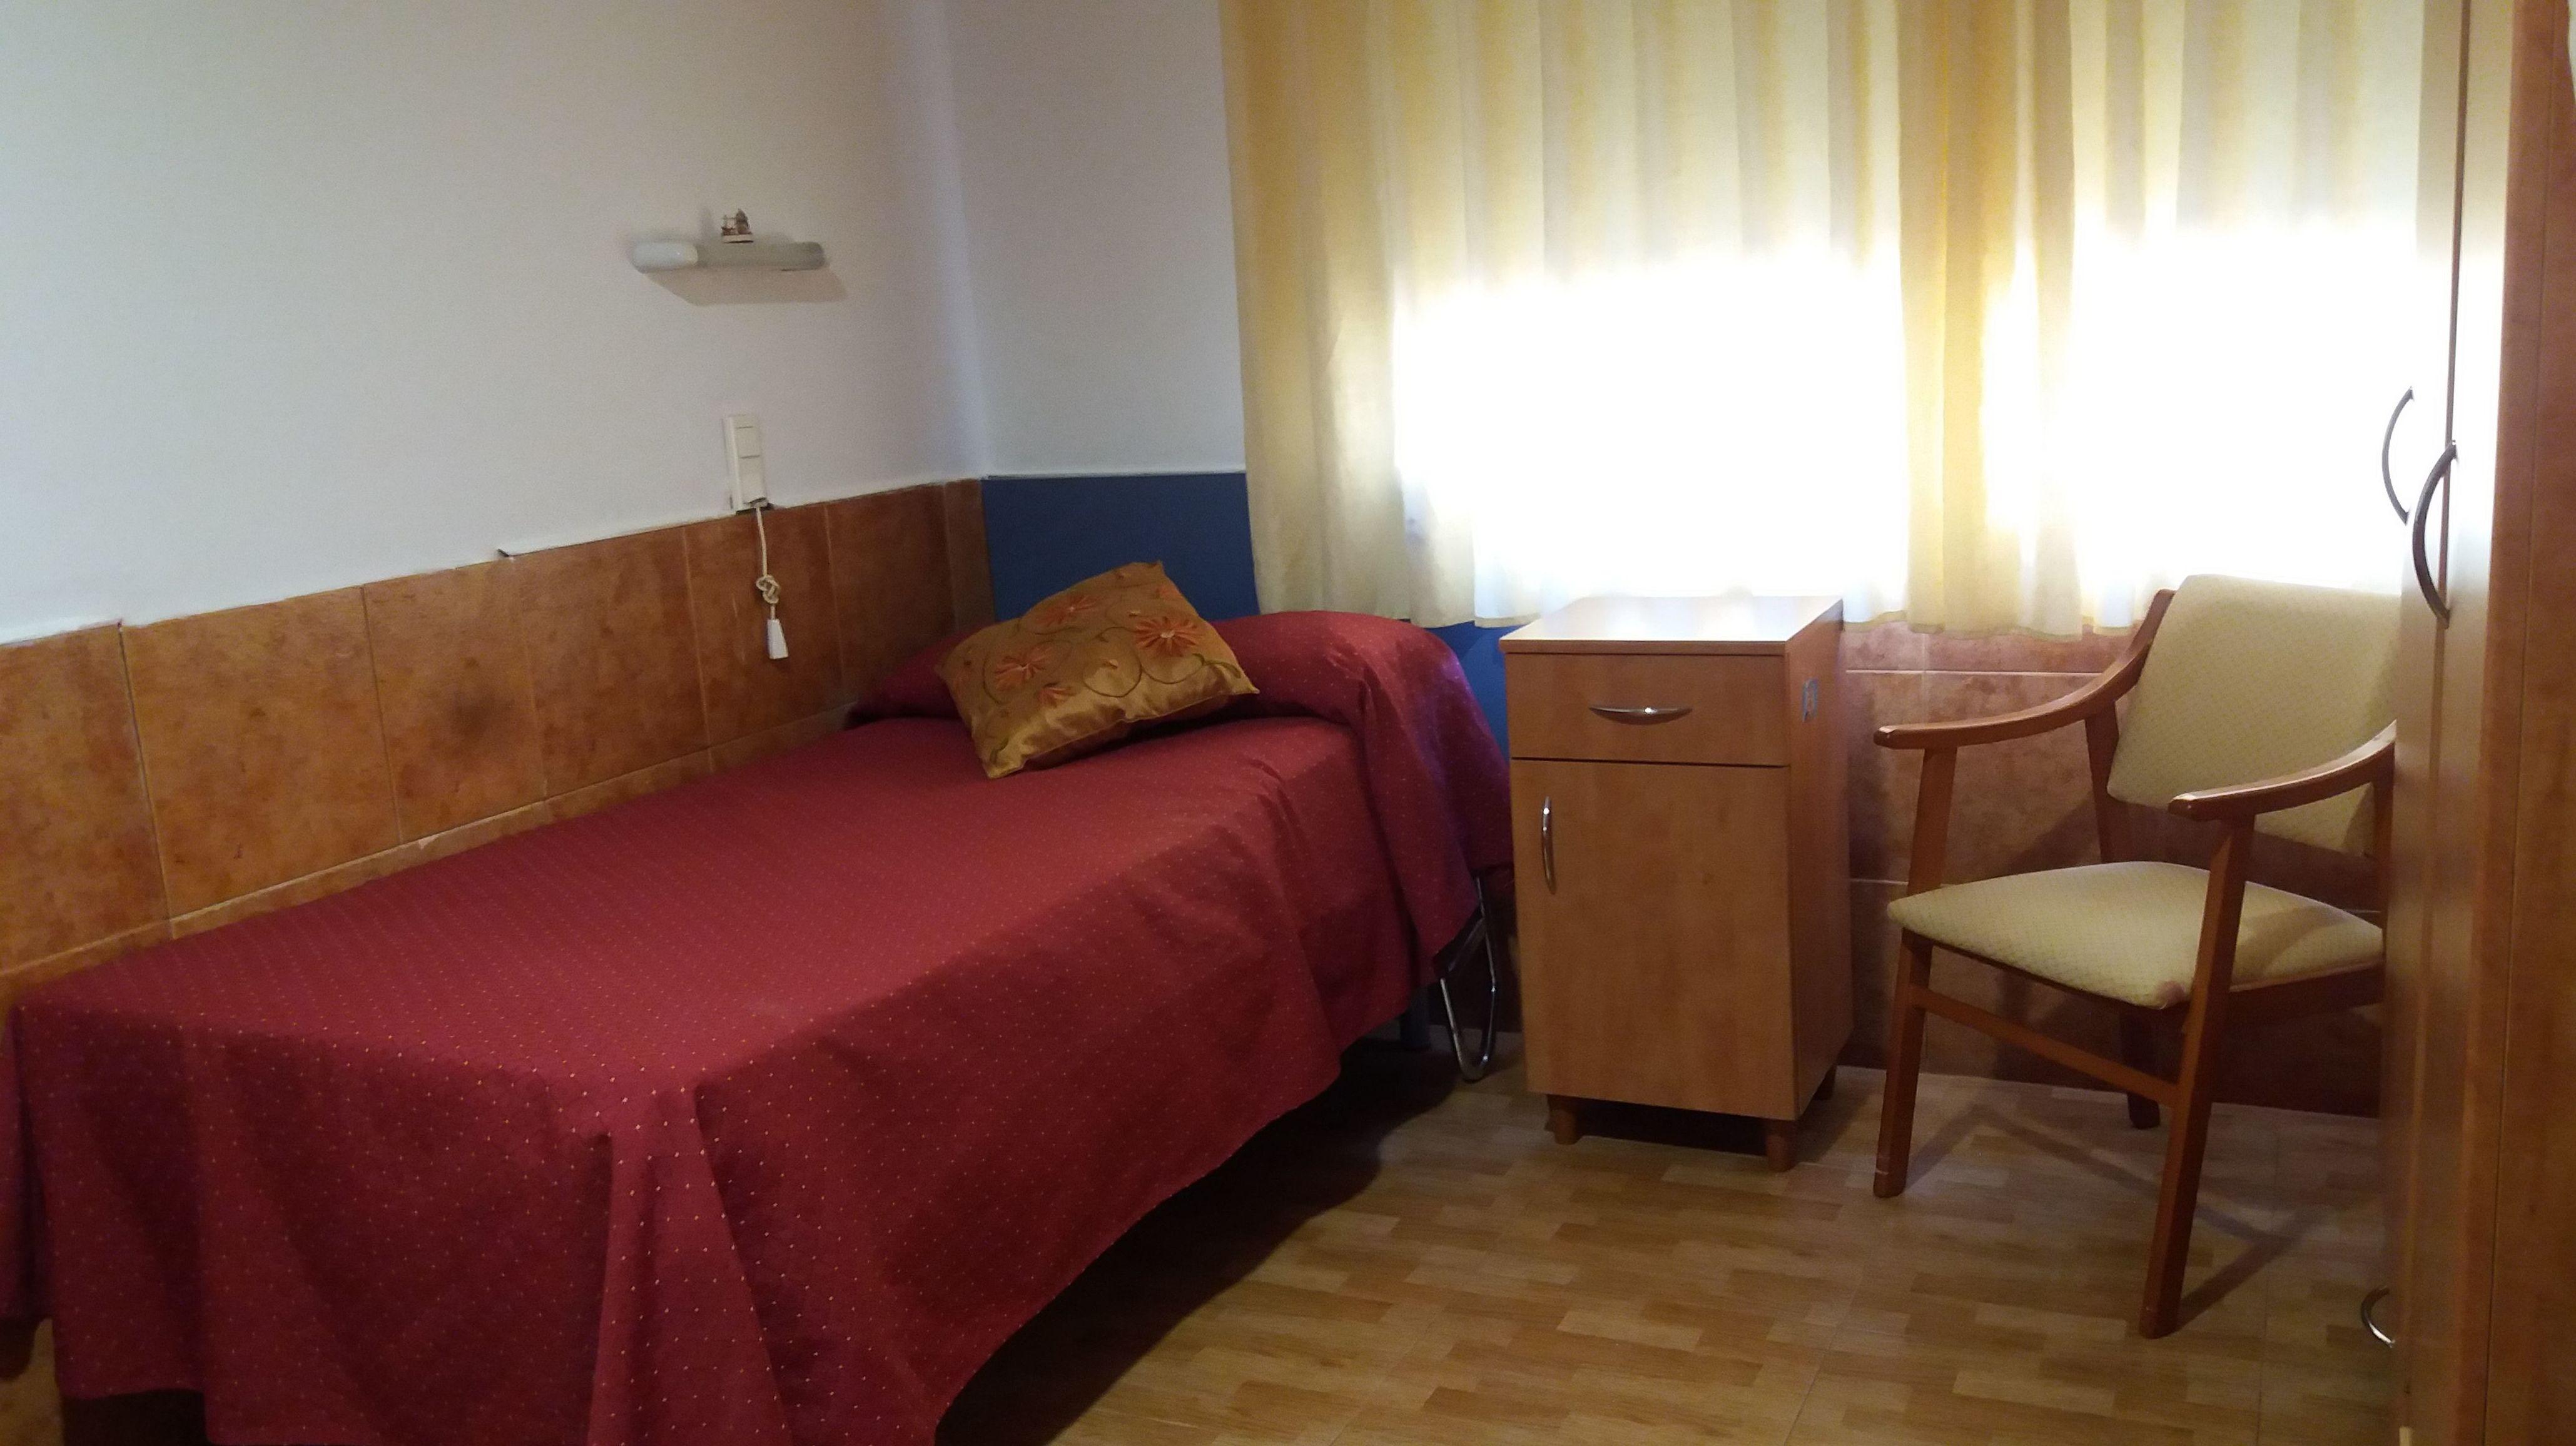 Residencia de mayores en Cerdanyola del Vallès